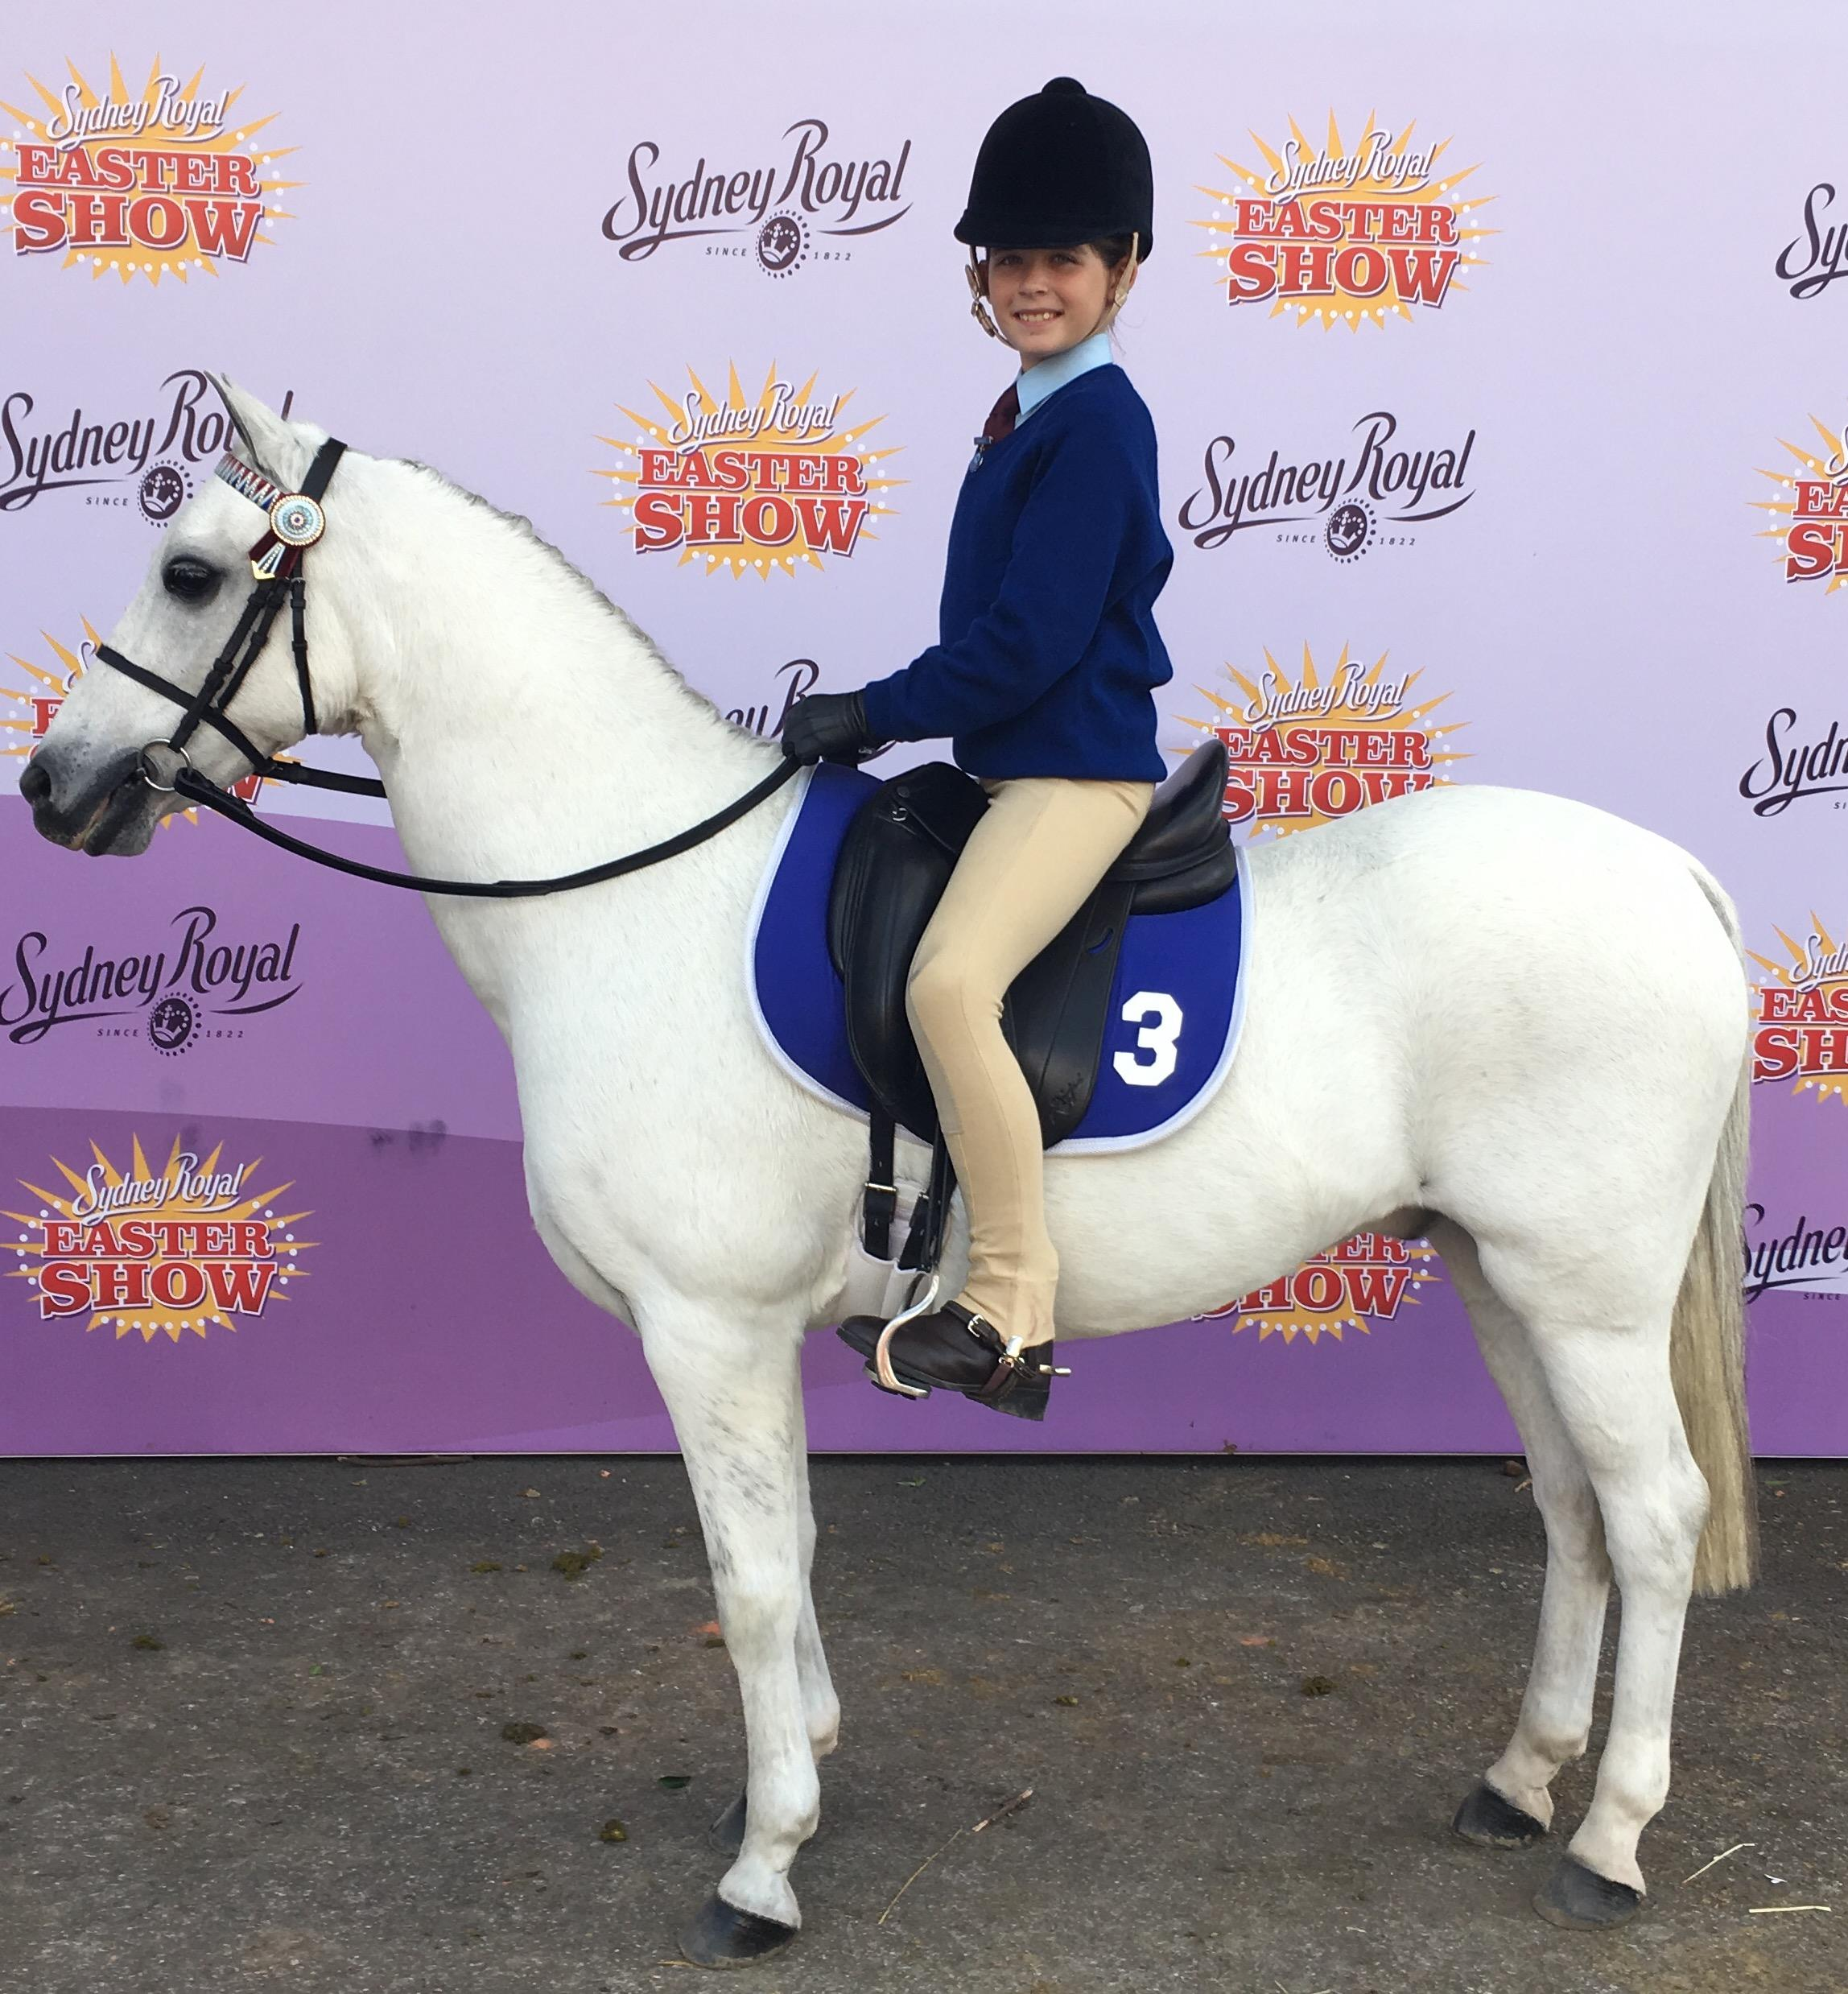 Ultimate Pony Club Pony